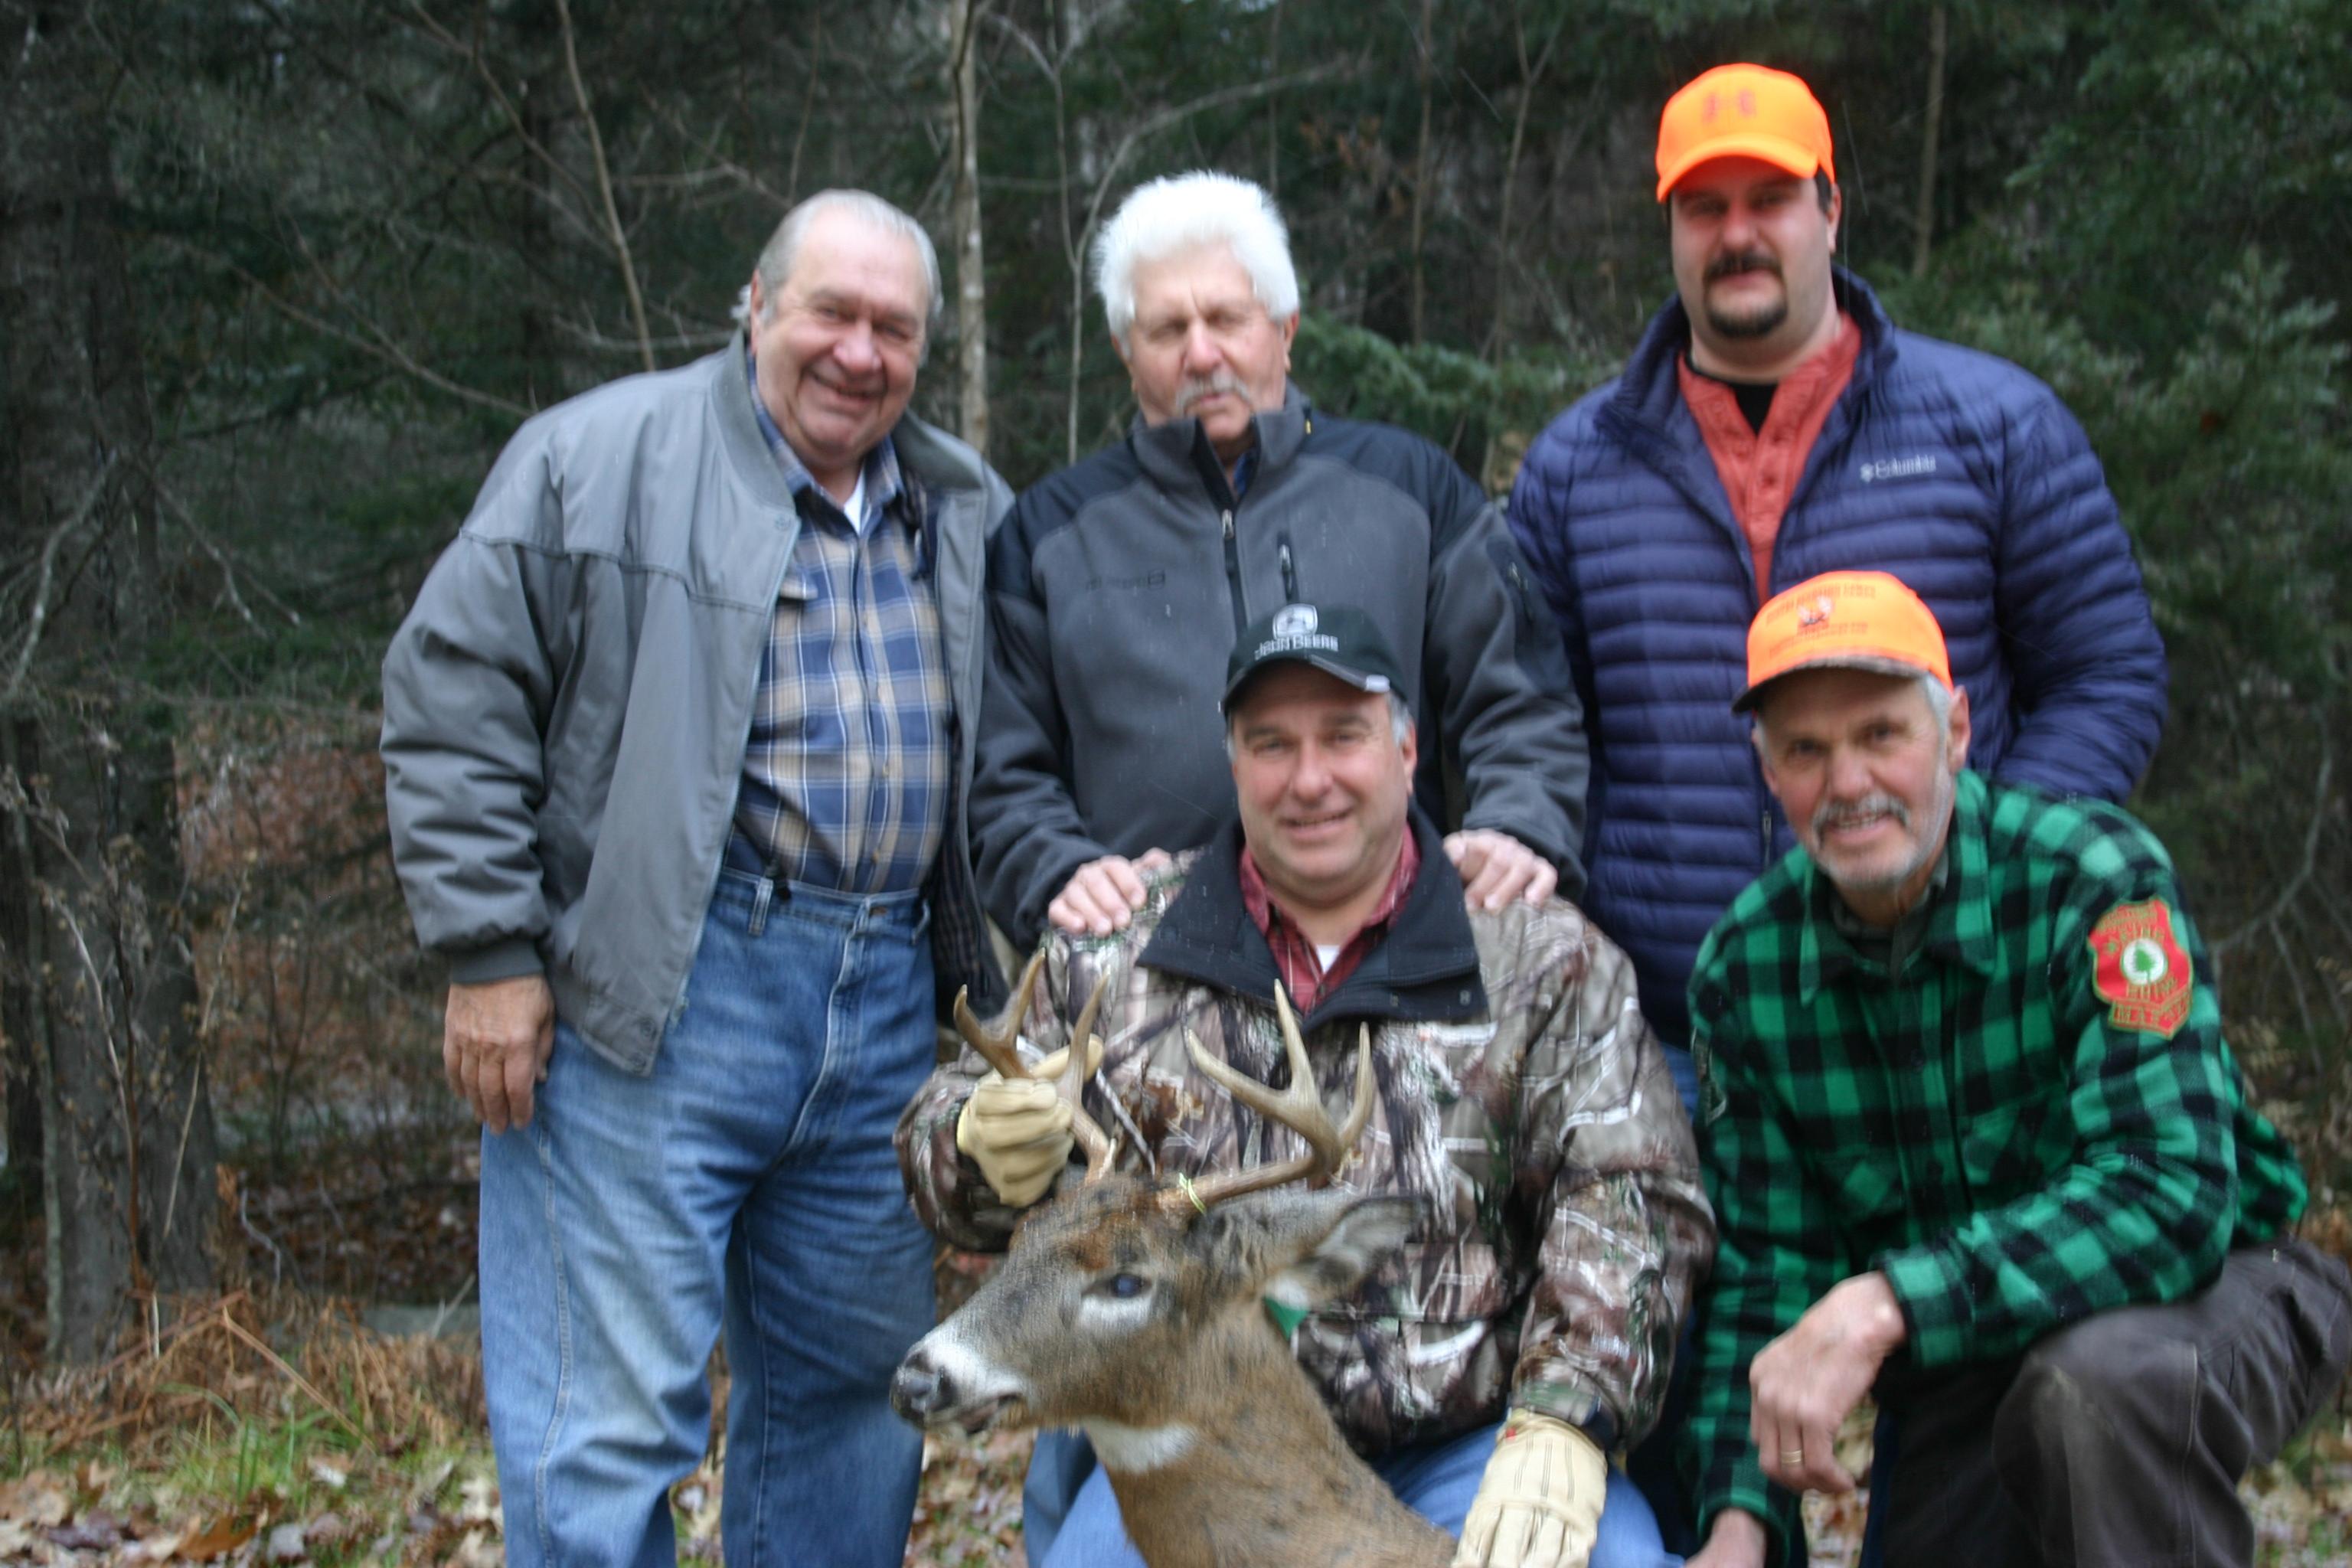 Dan Davis Hunting Group